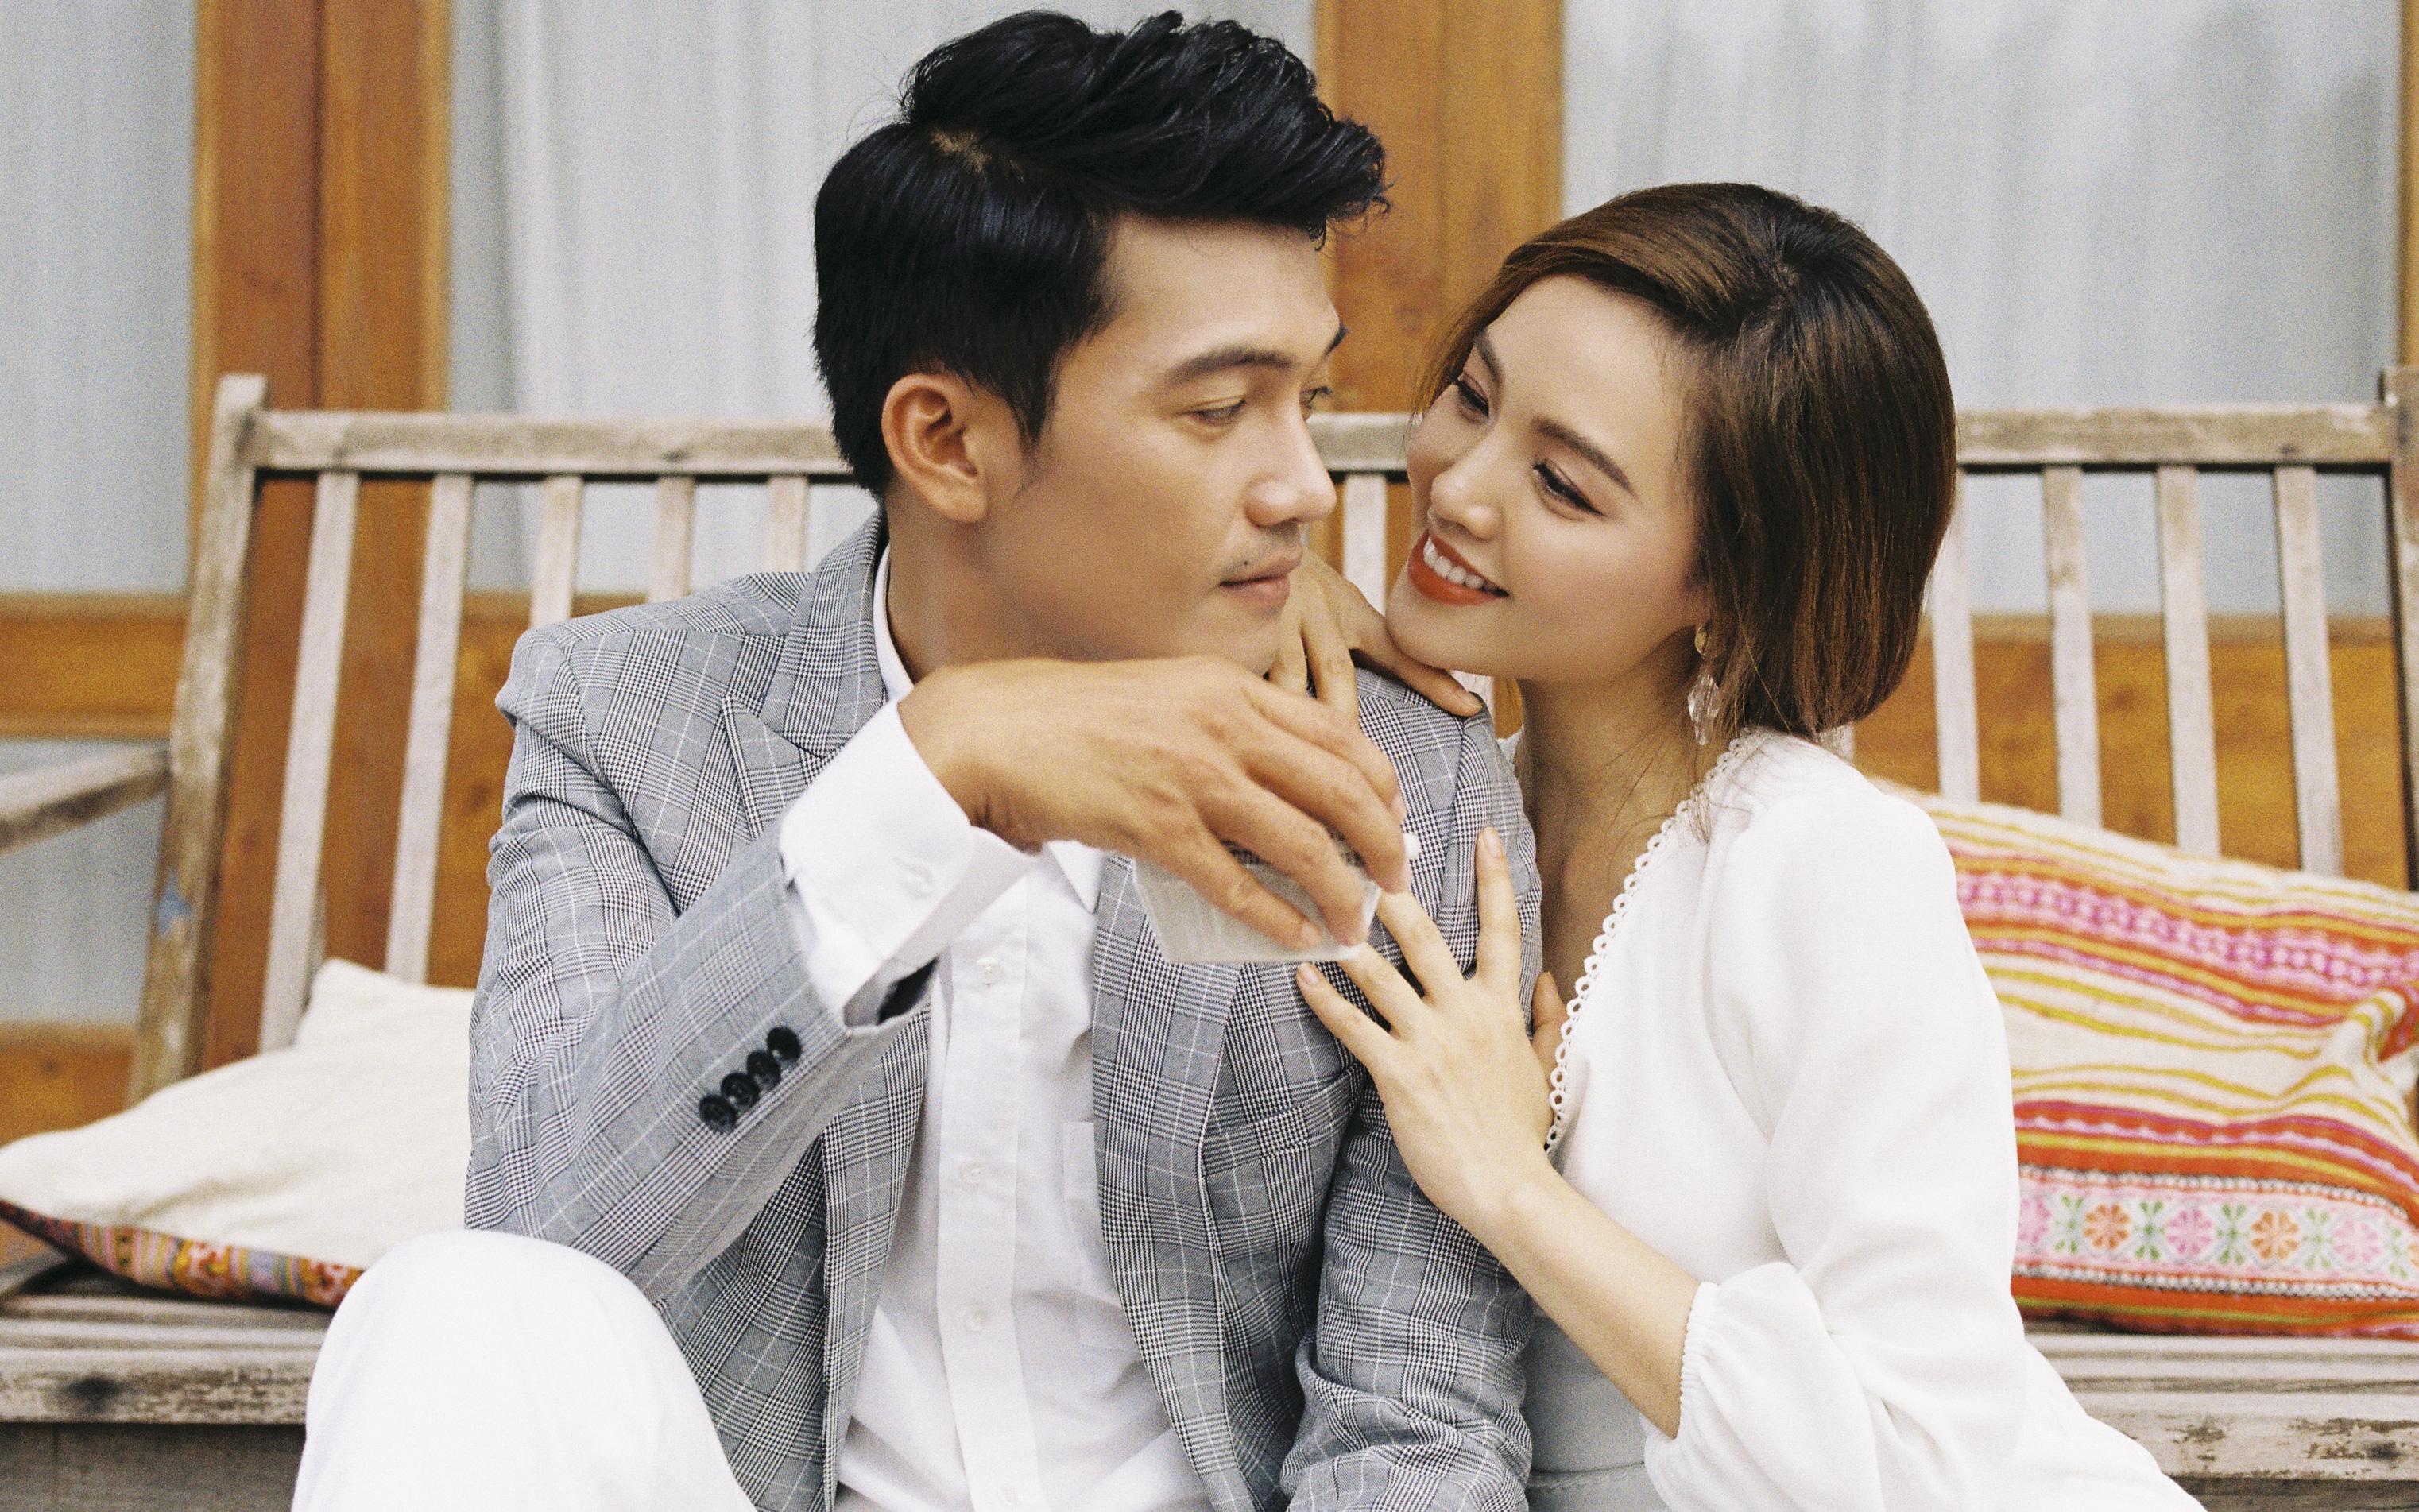 Quang Tuấn than bị vợ lạnh nhạt sau khi sinh con, Linh Phi tiết lộ lý do là vì quá sợ chồng